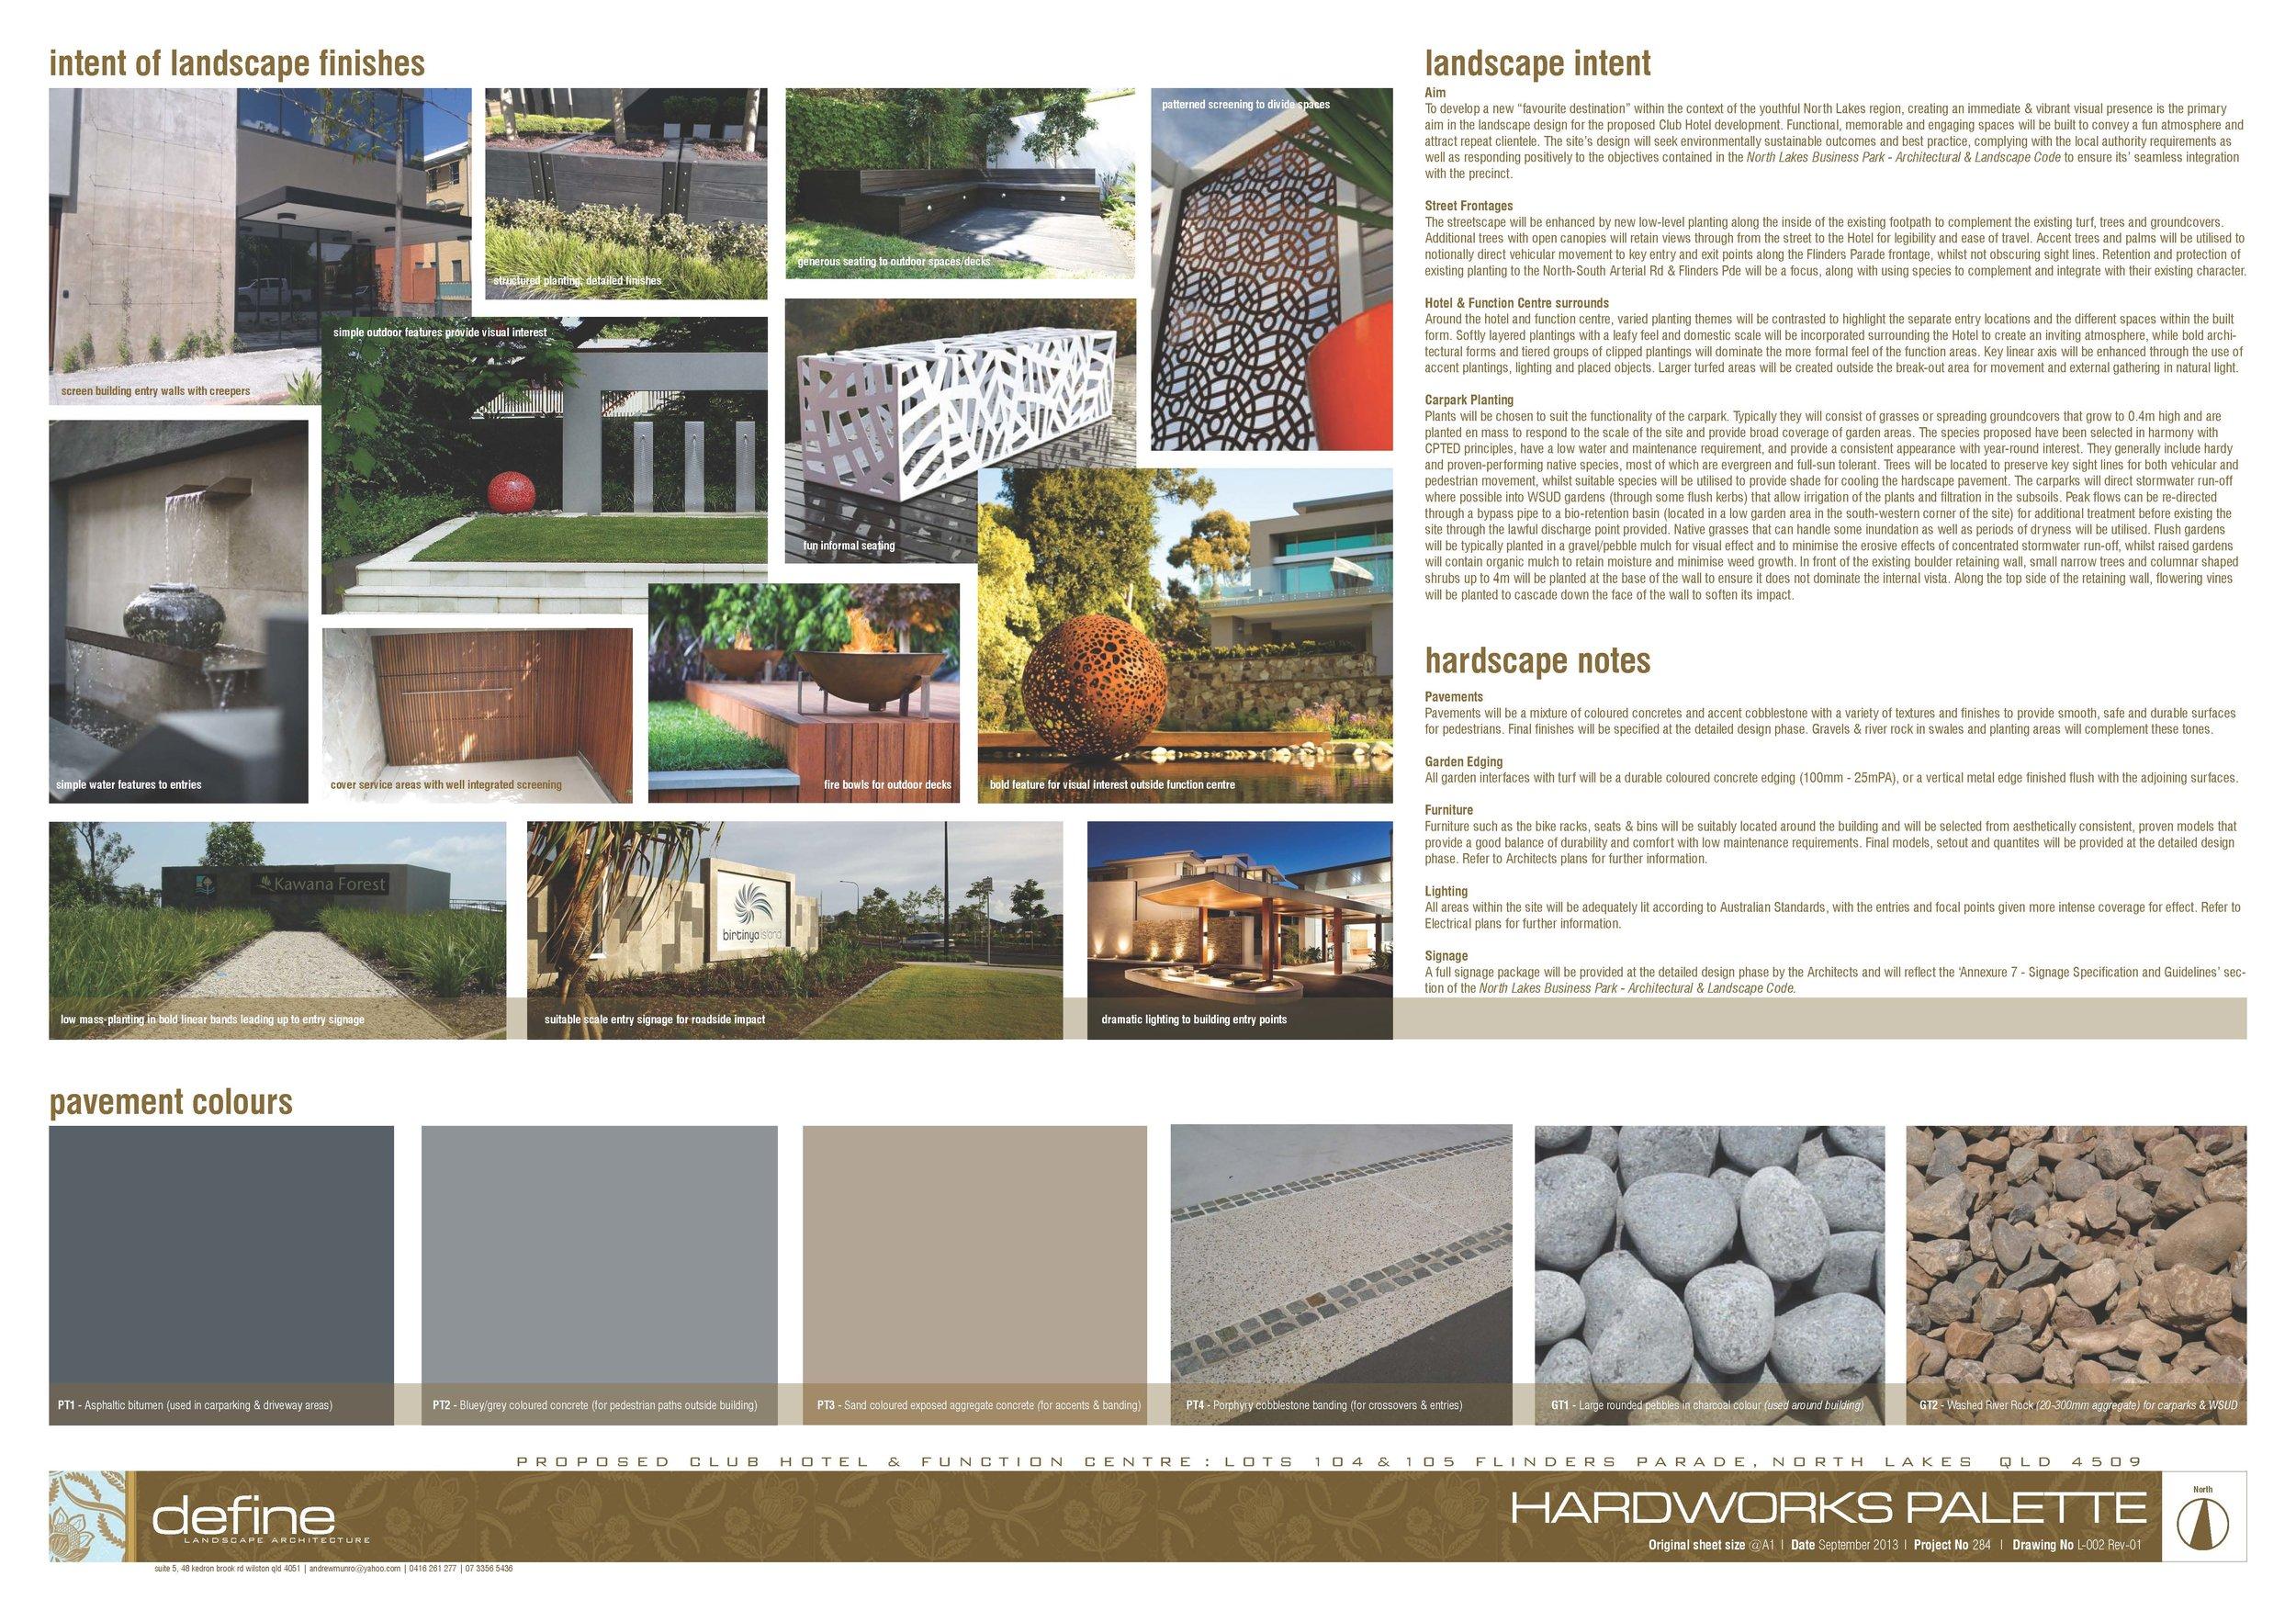 284-L-002-Landscape Hardworks Palette-Rev-01_Page_1.jpg